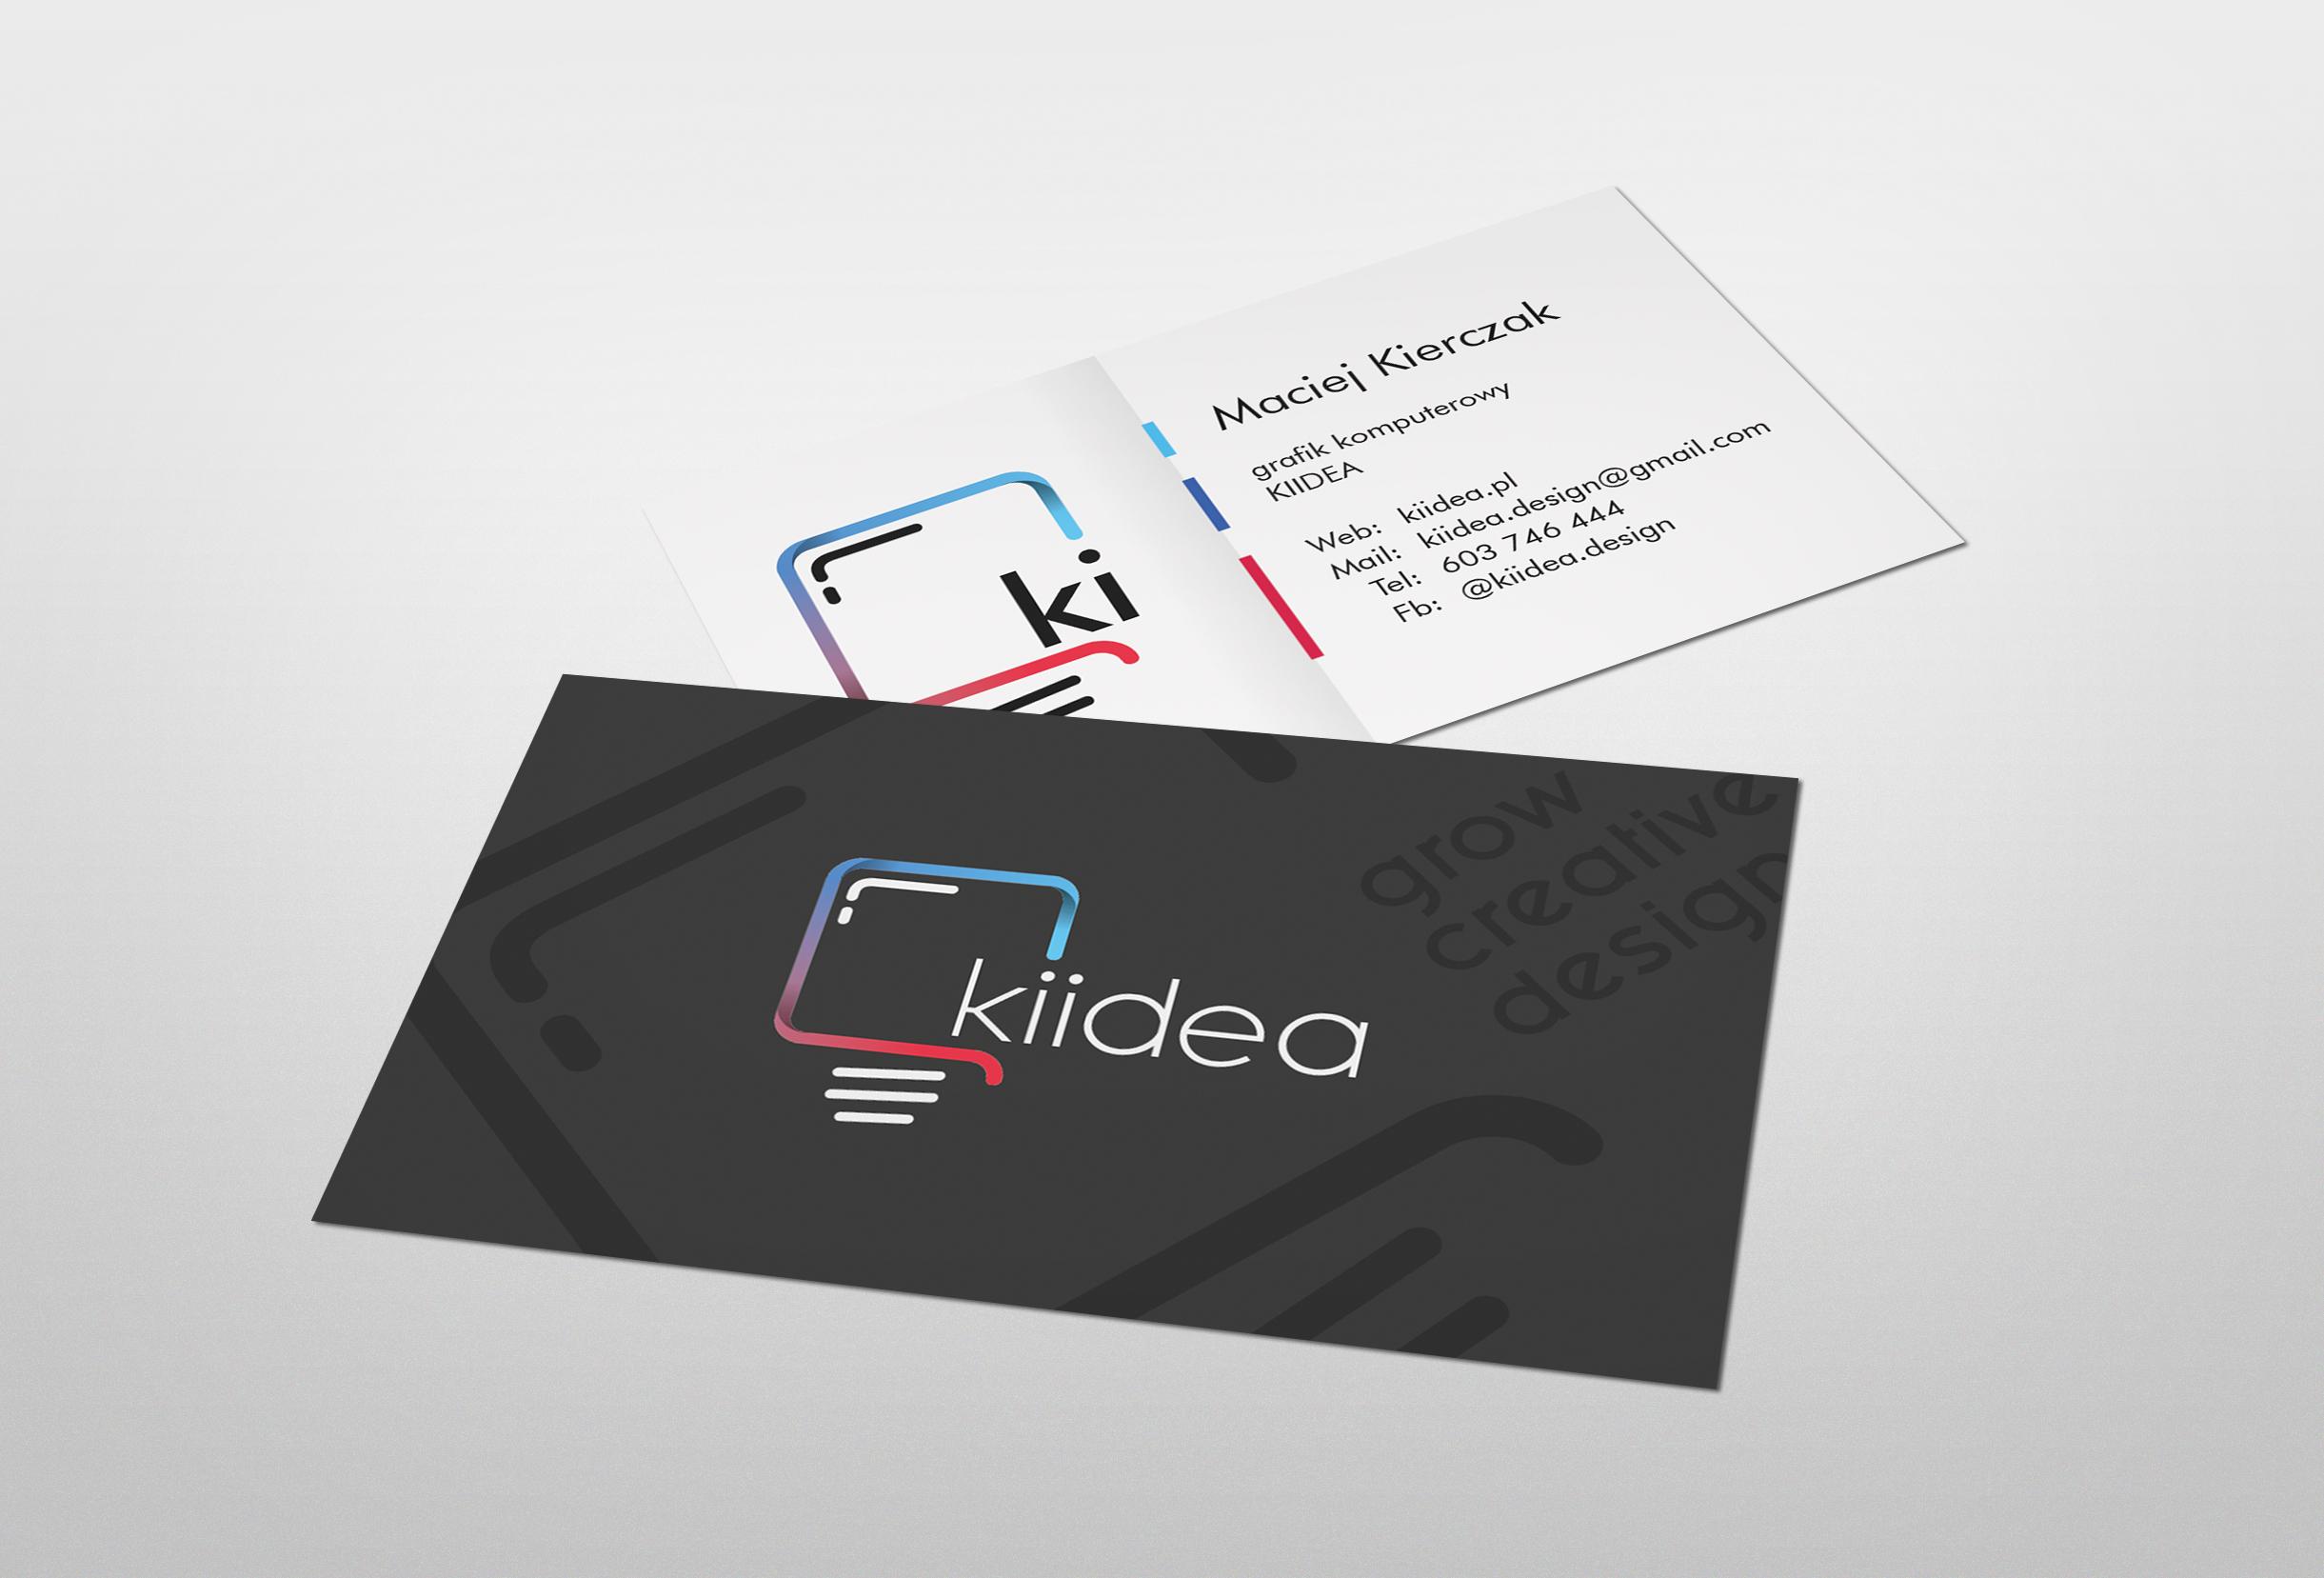 Projekt wizytówki Kiidea